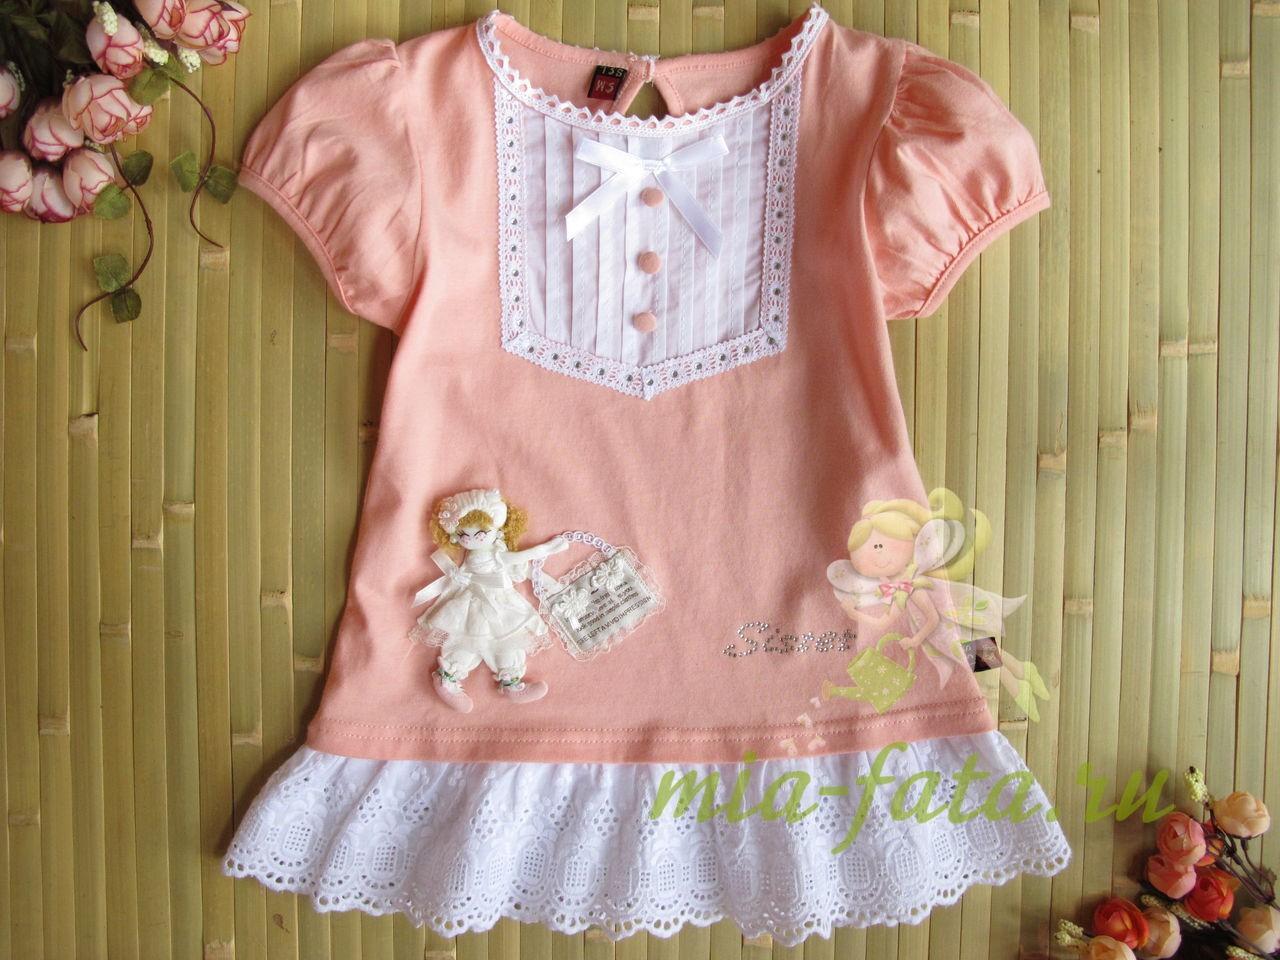 Mia-Fata одевайте детей красиво!!! Одежда от Феи для Вашей принцессы. Сбор 1